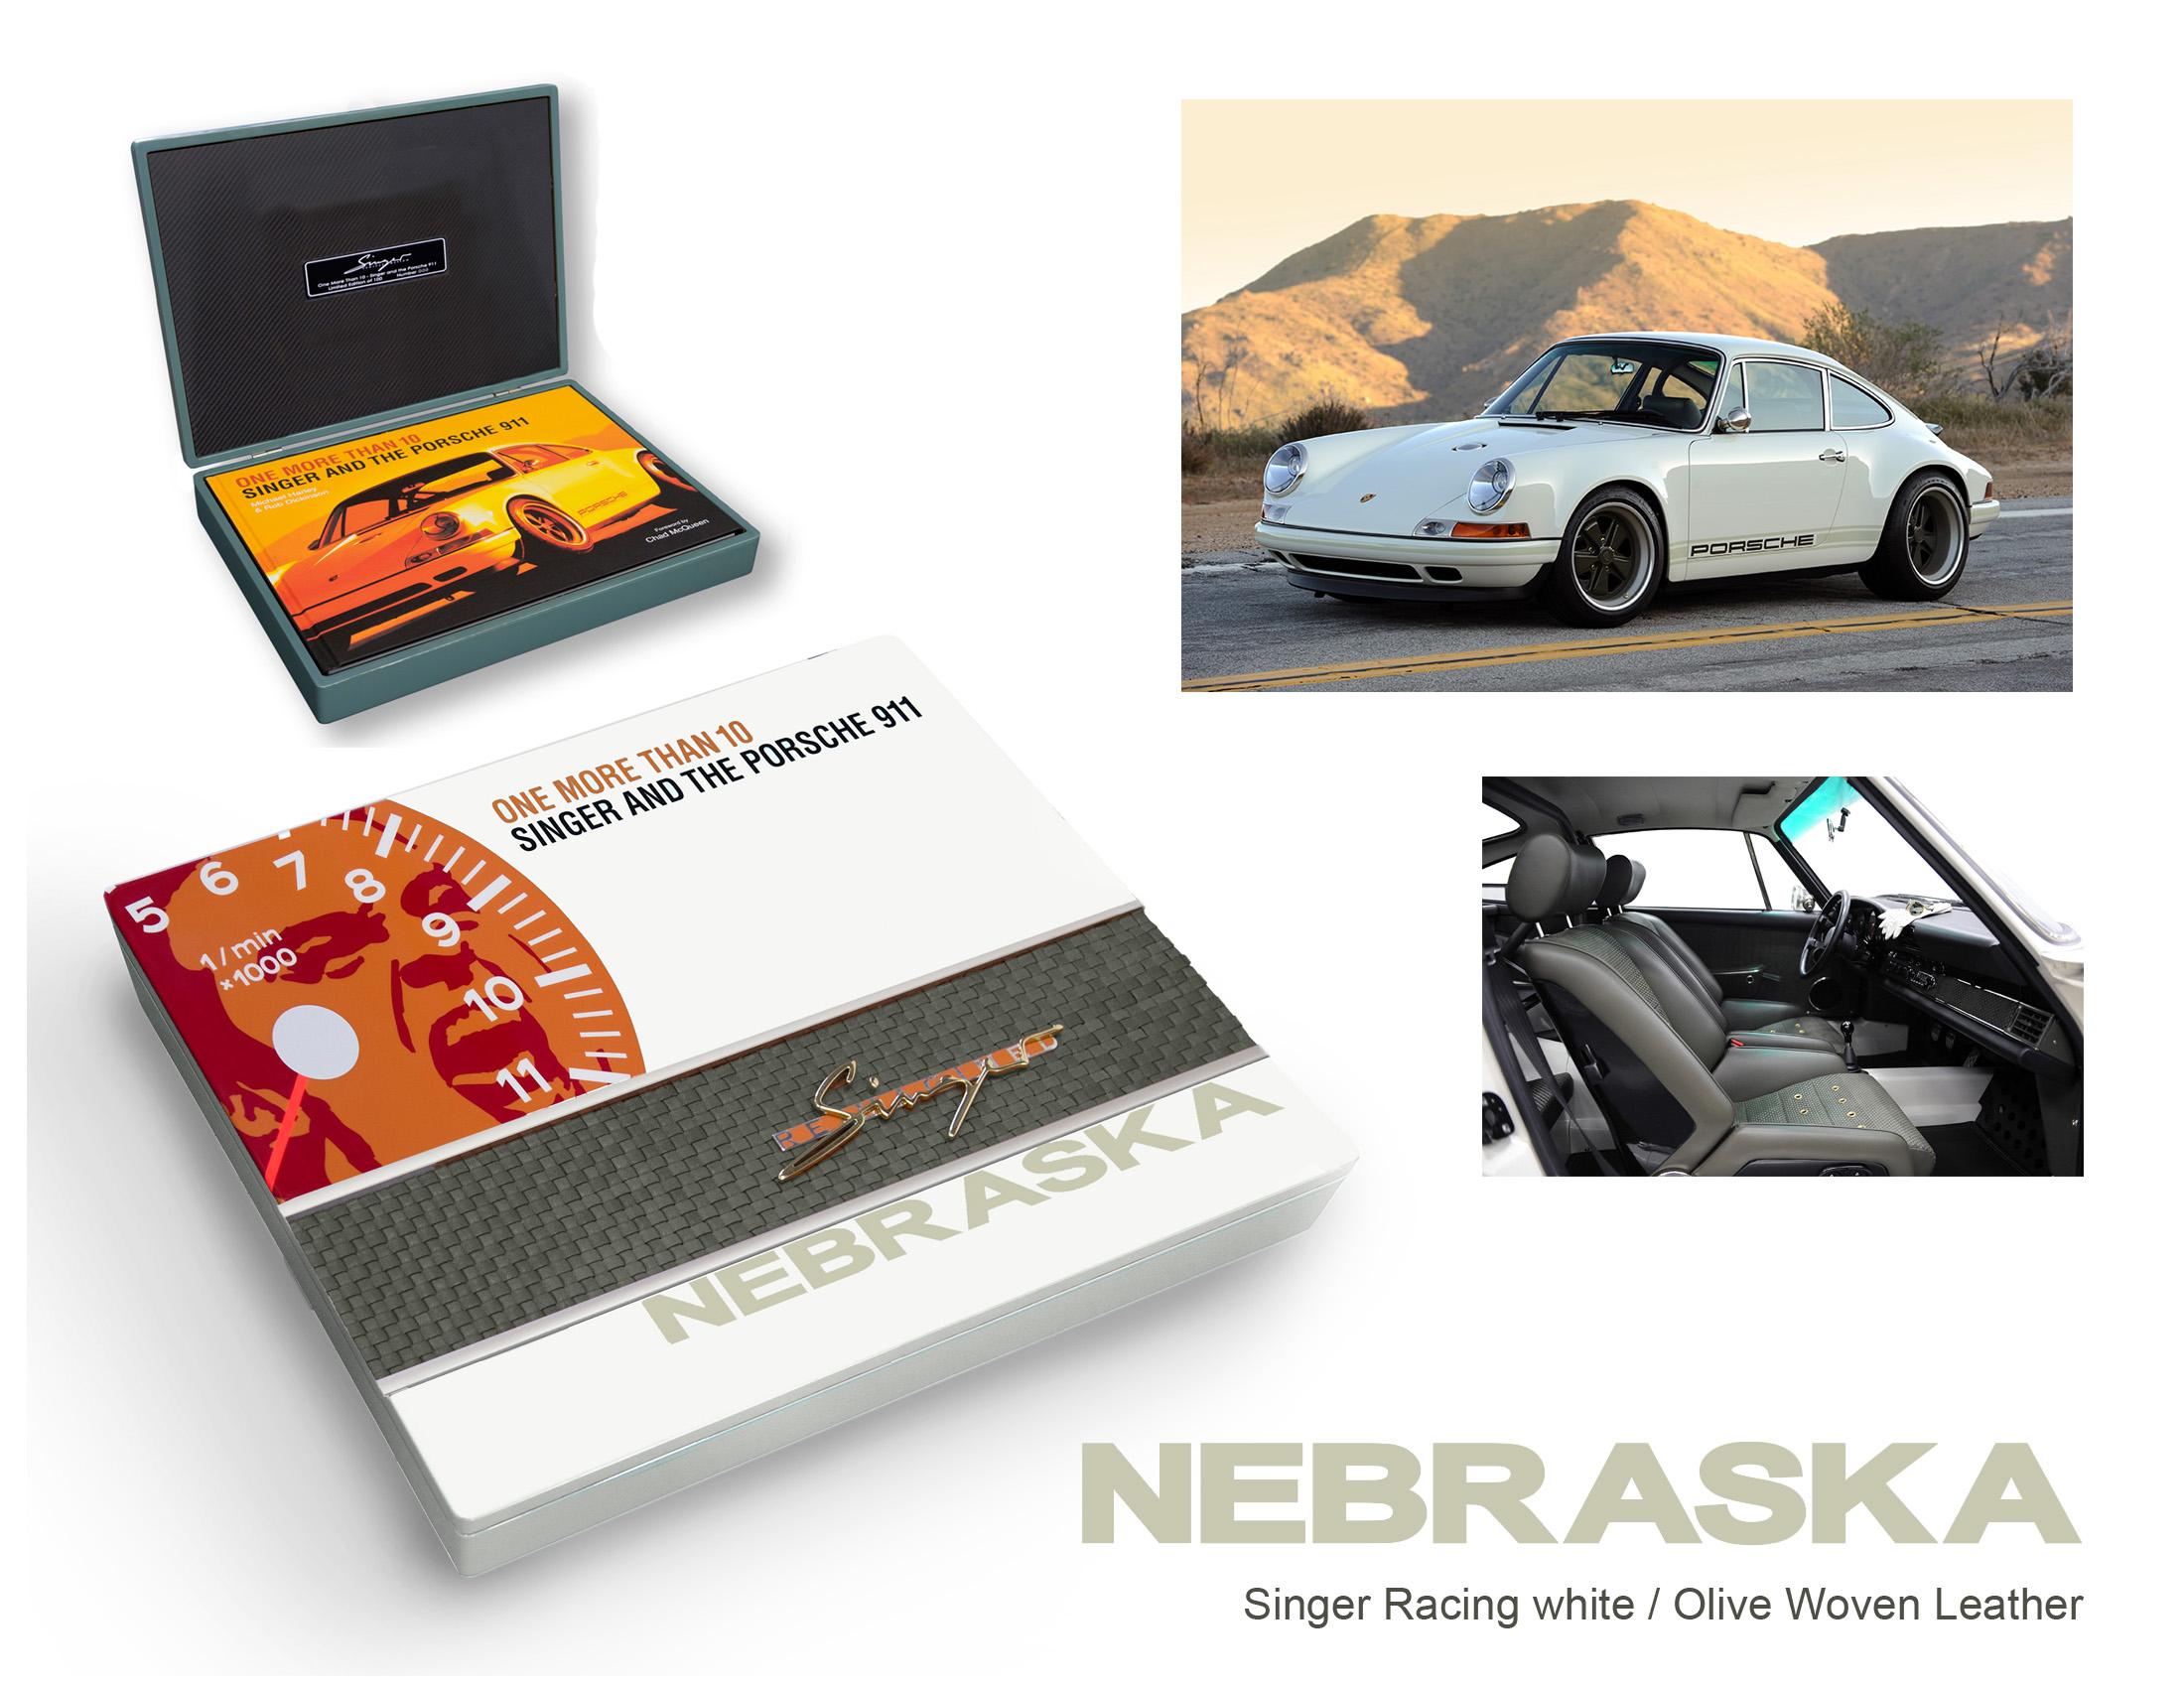 nebraska layout.jpg